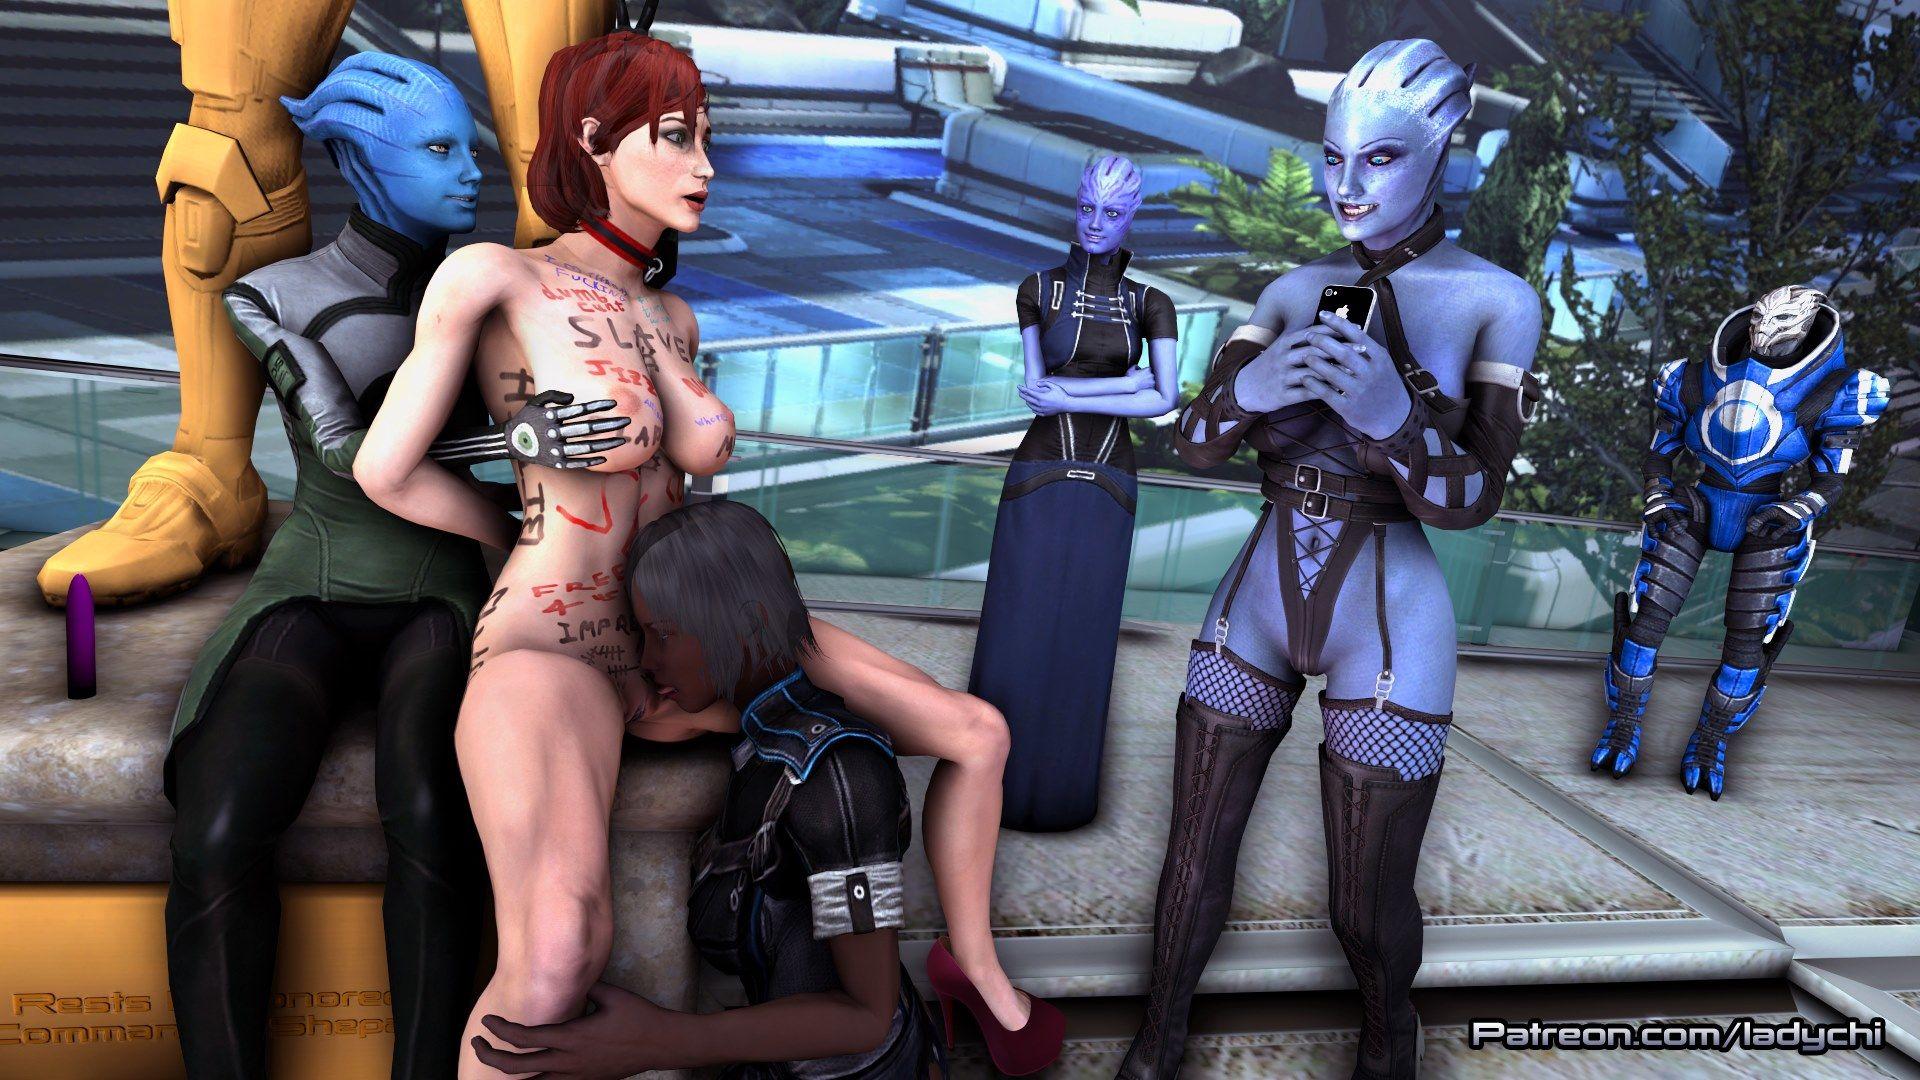 Liara_X-Mass_Gifts!_Ladychi_(Mass_Effect) comix_58129.jpg